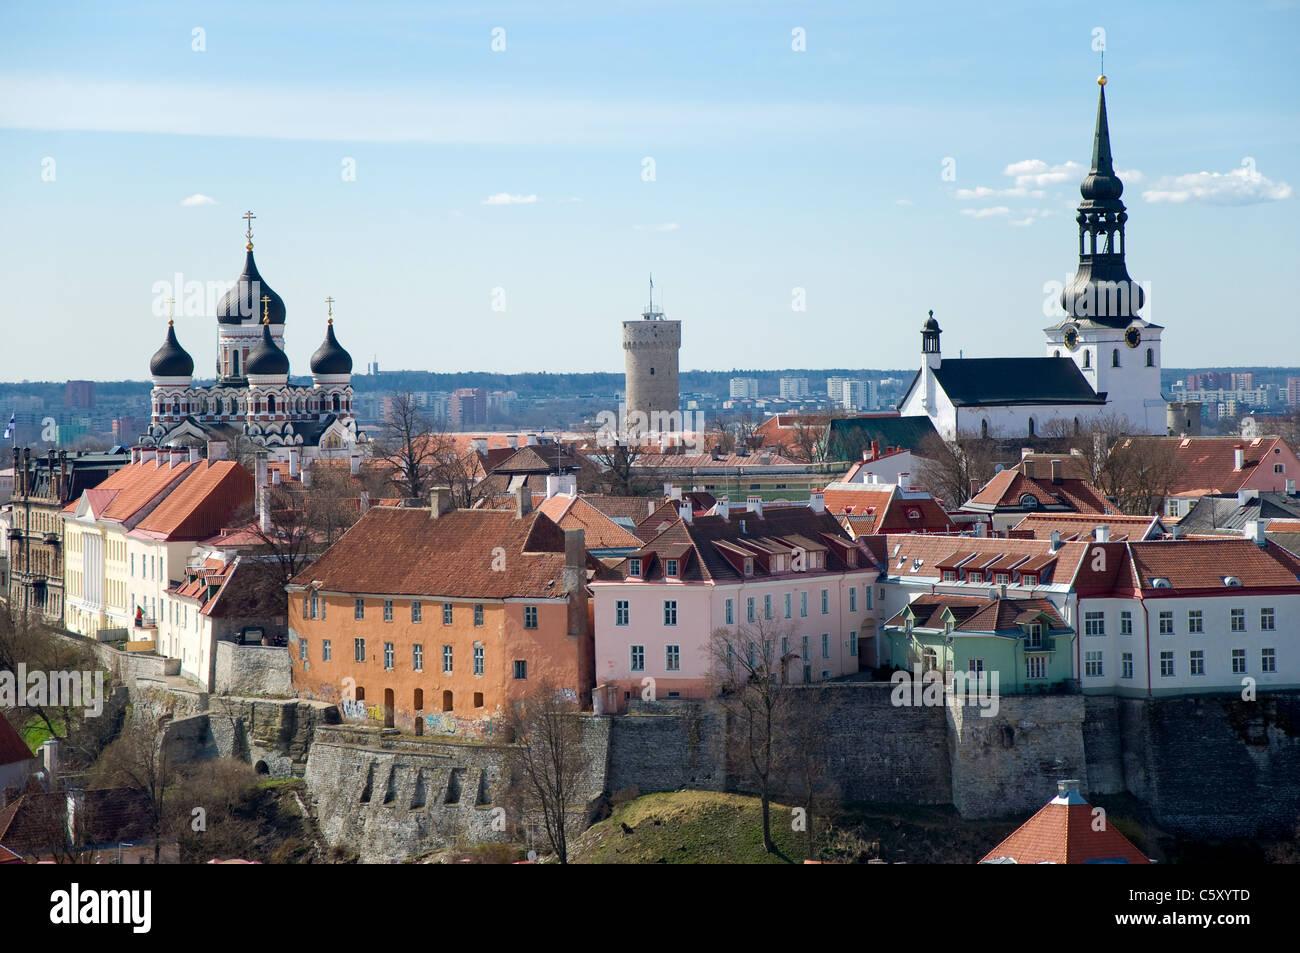 View of Tallinn, Estonia Stock Photo